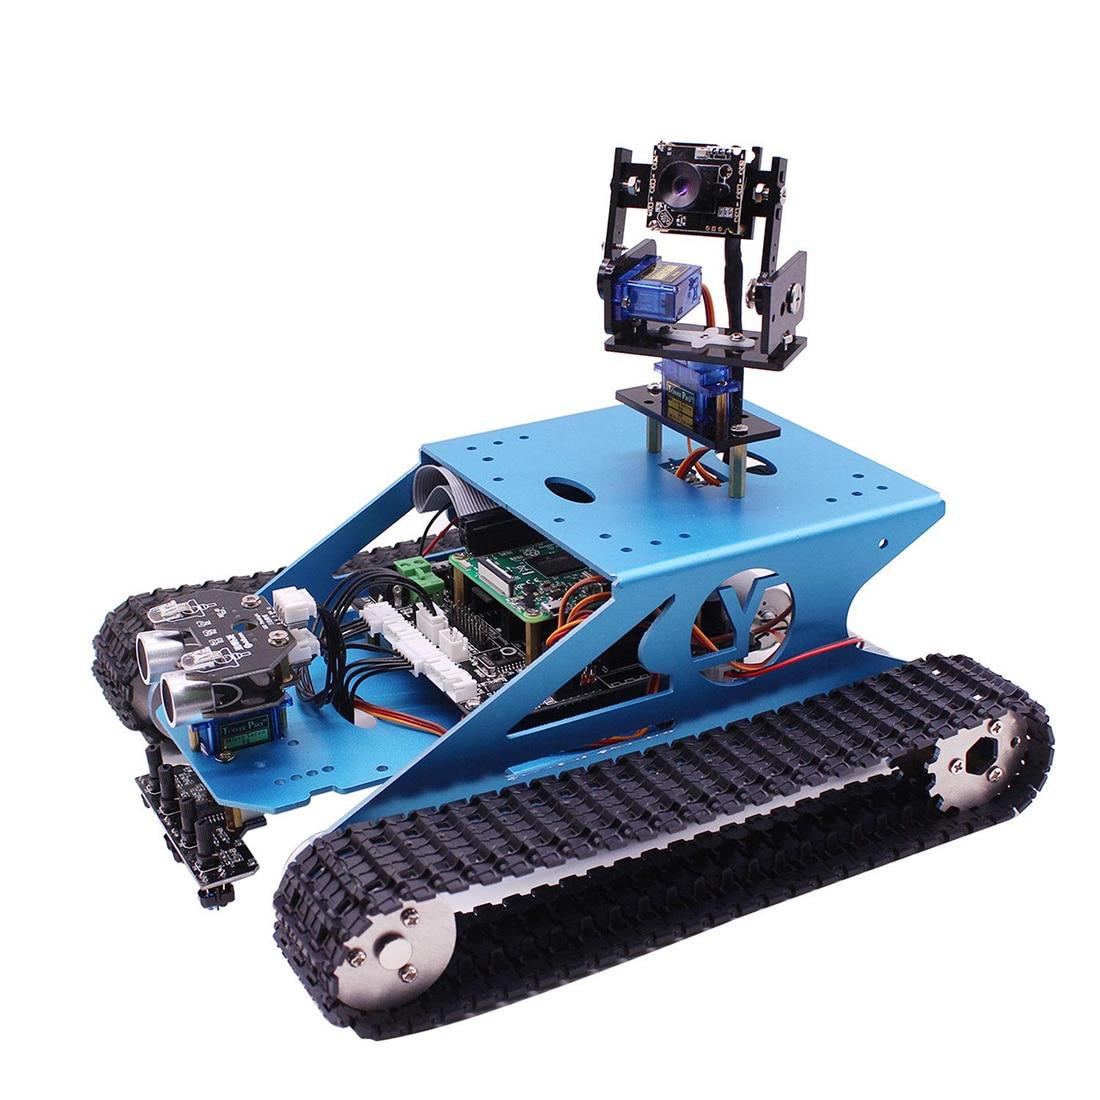 Kit robotique intelligent de réservoir de framboise Pi professionnel de Surwih Kit de robot à monter soi-même de jouet électronique de programmation vidéo sans fil de WiFi